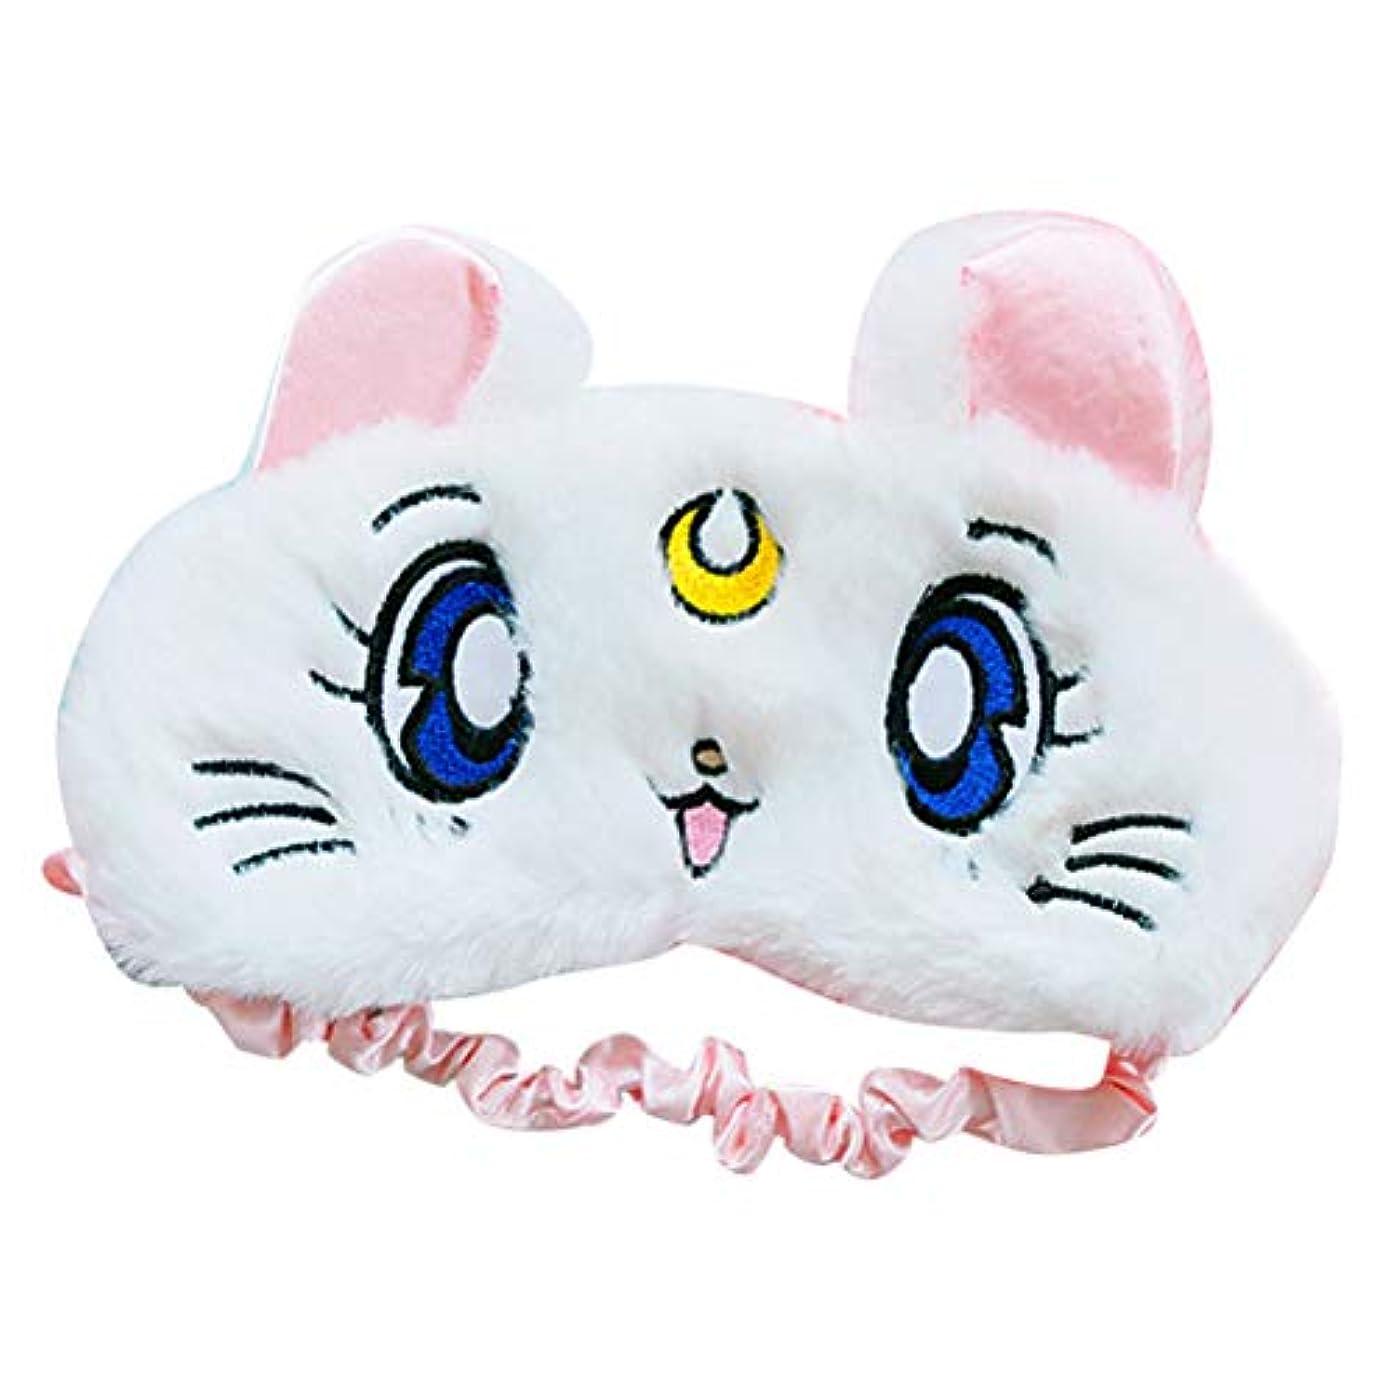 アマチュア正当な生きるBSMEAN 猫の目マスクソフトぬいぐるみ睡眠通気性フード内蔵アイスパック漫画アイマスク、白